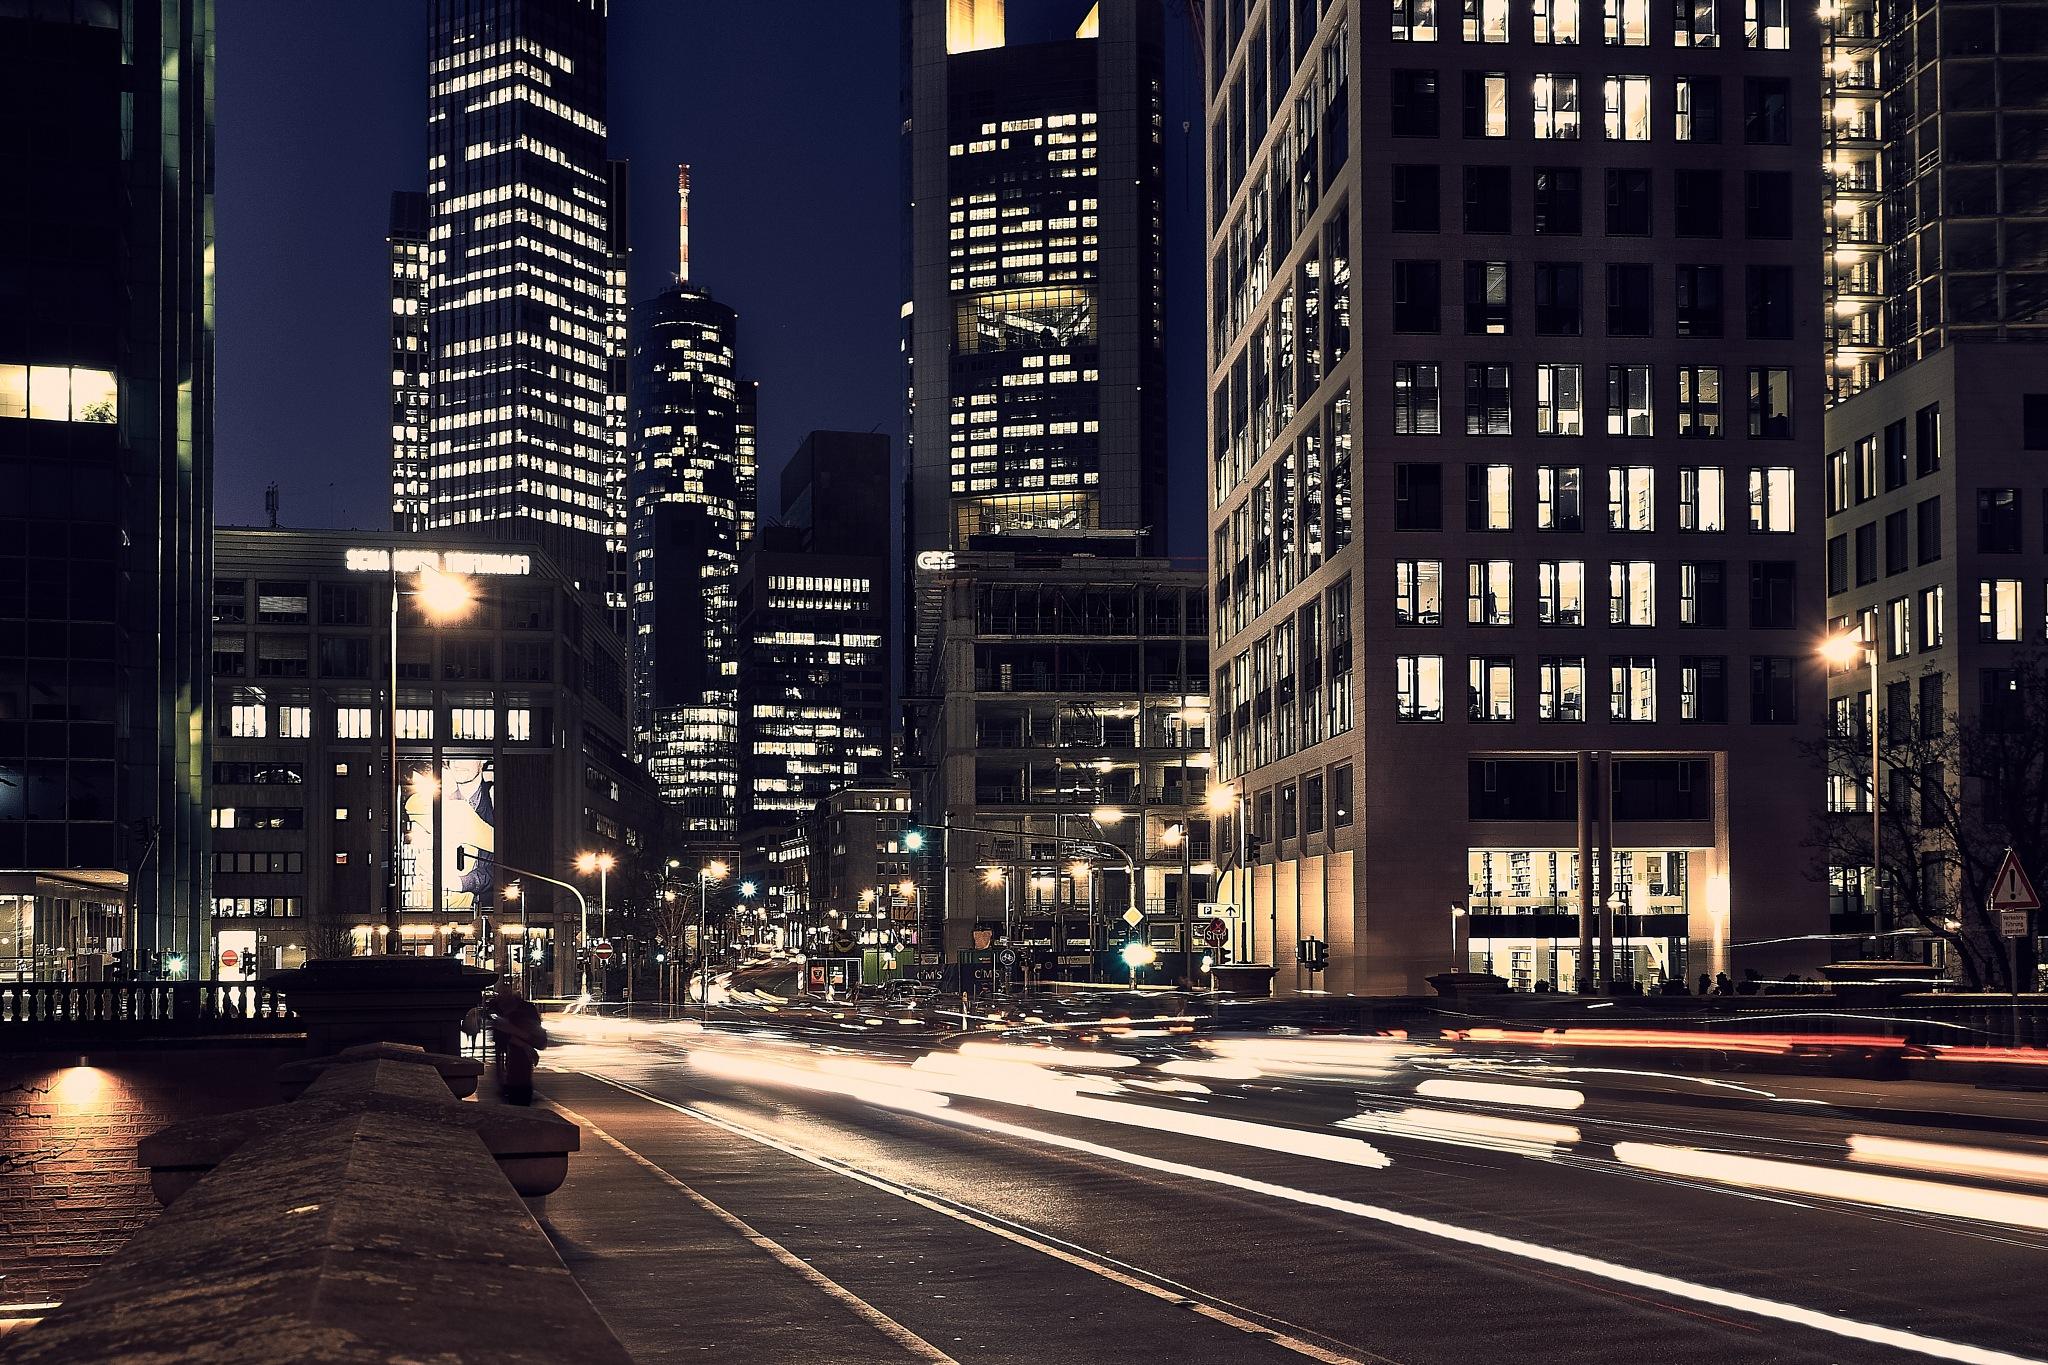 Frankfurt never sleeps by Dirk Weitzel